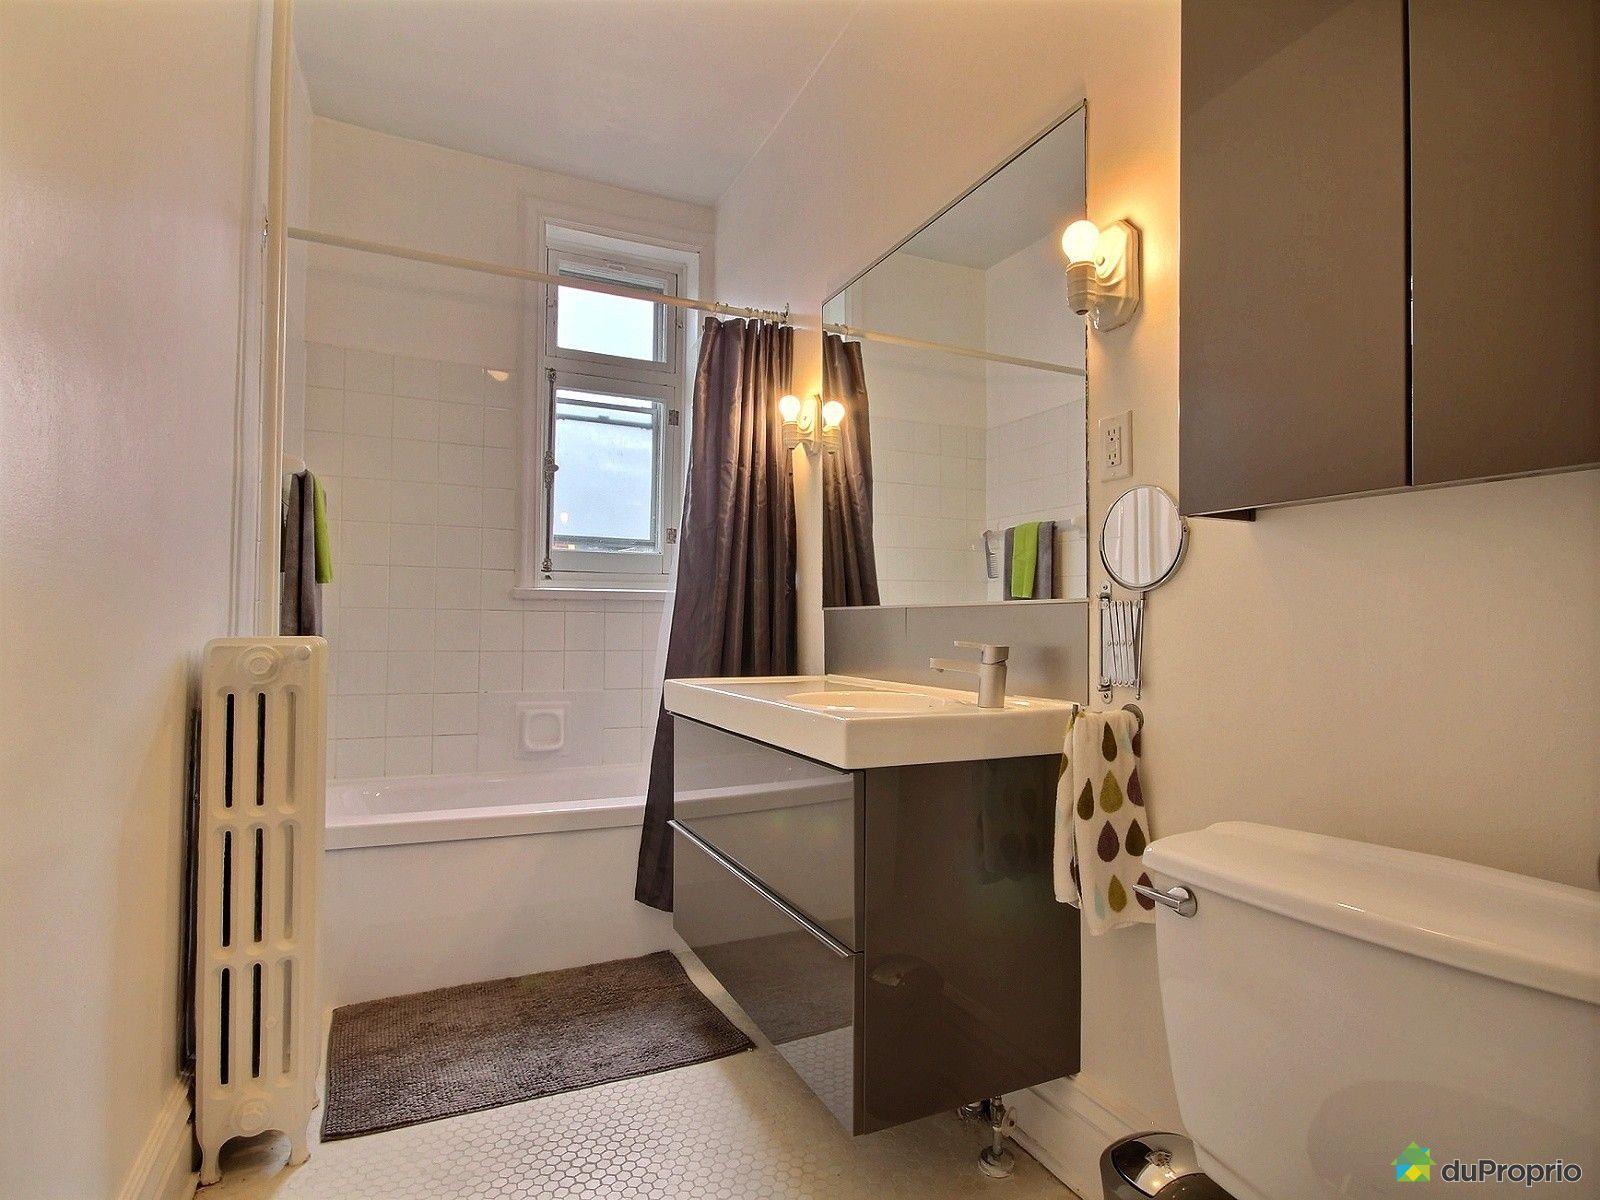 Condo vendre st jean baptiste 5 490 rue pr vost for Salle de bain st jean